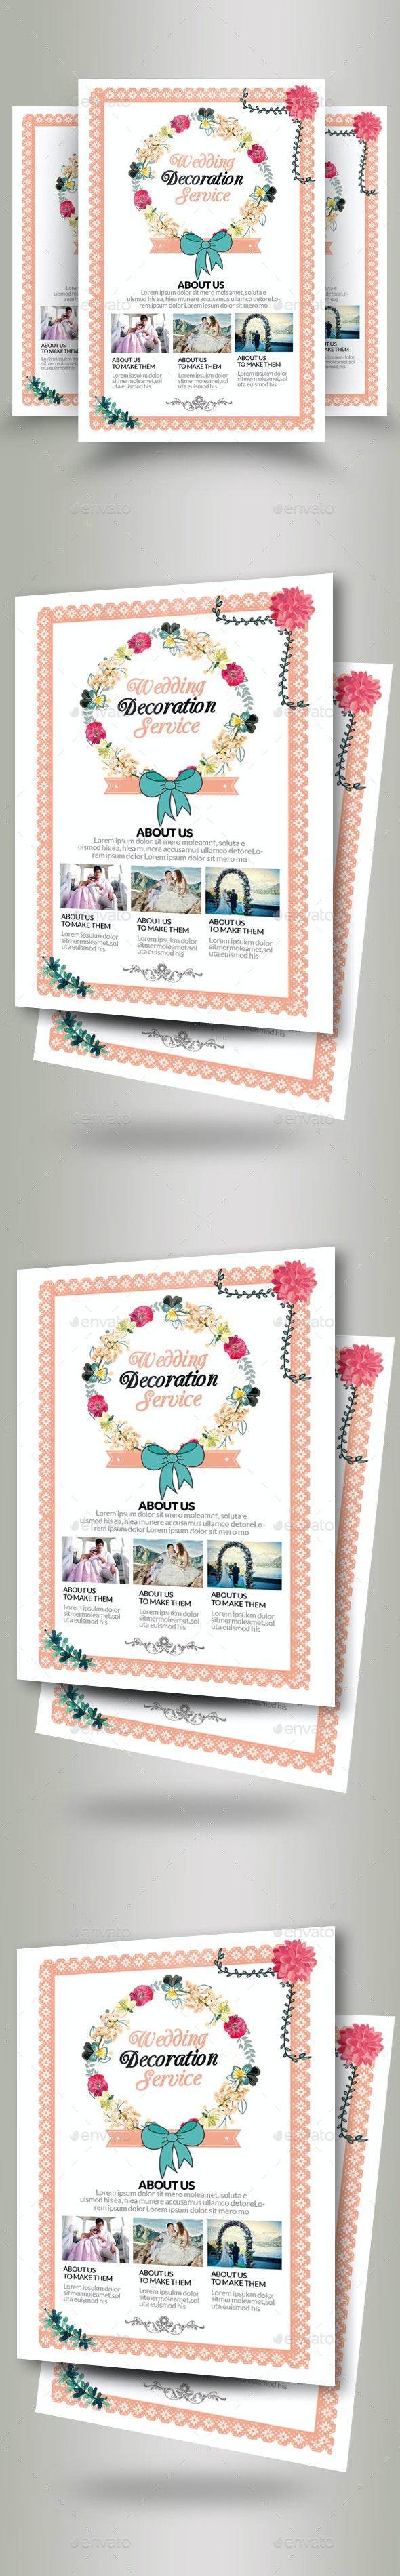 Wedding Invitation Flyer - Flyers Print Templates